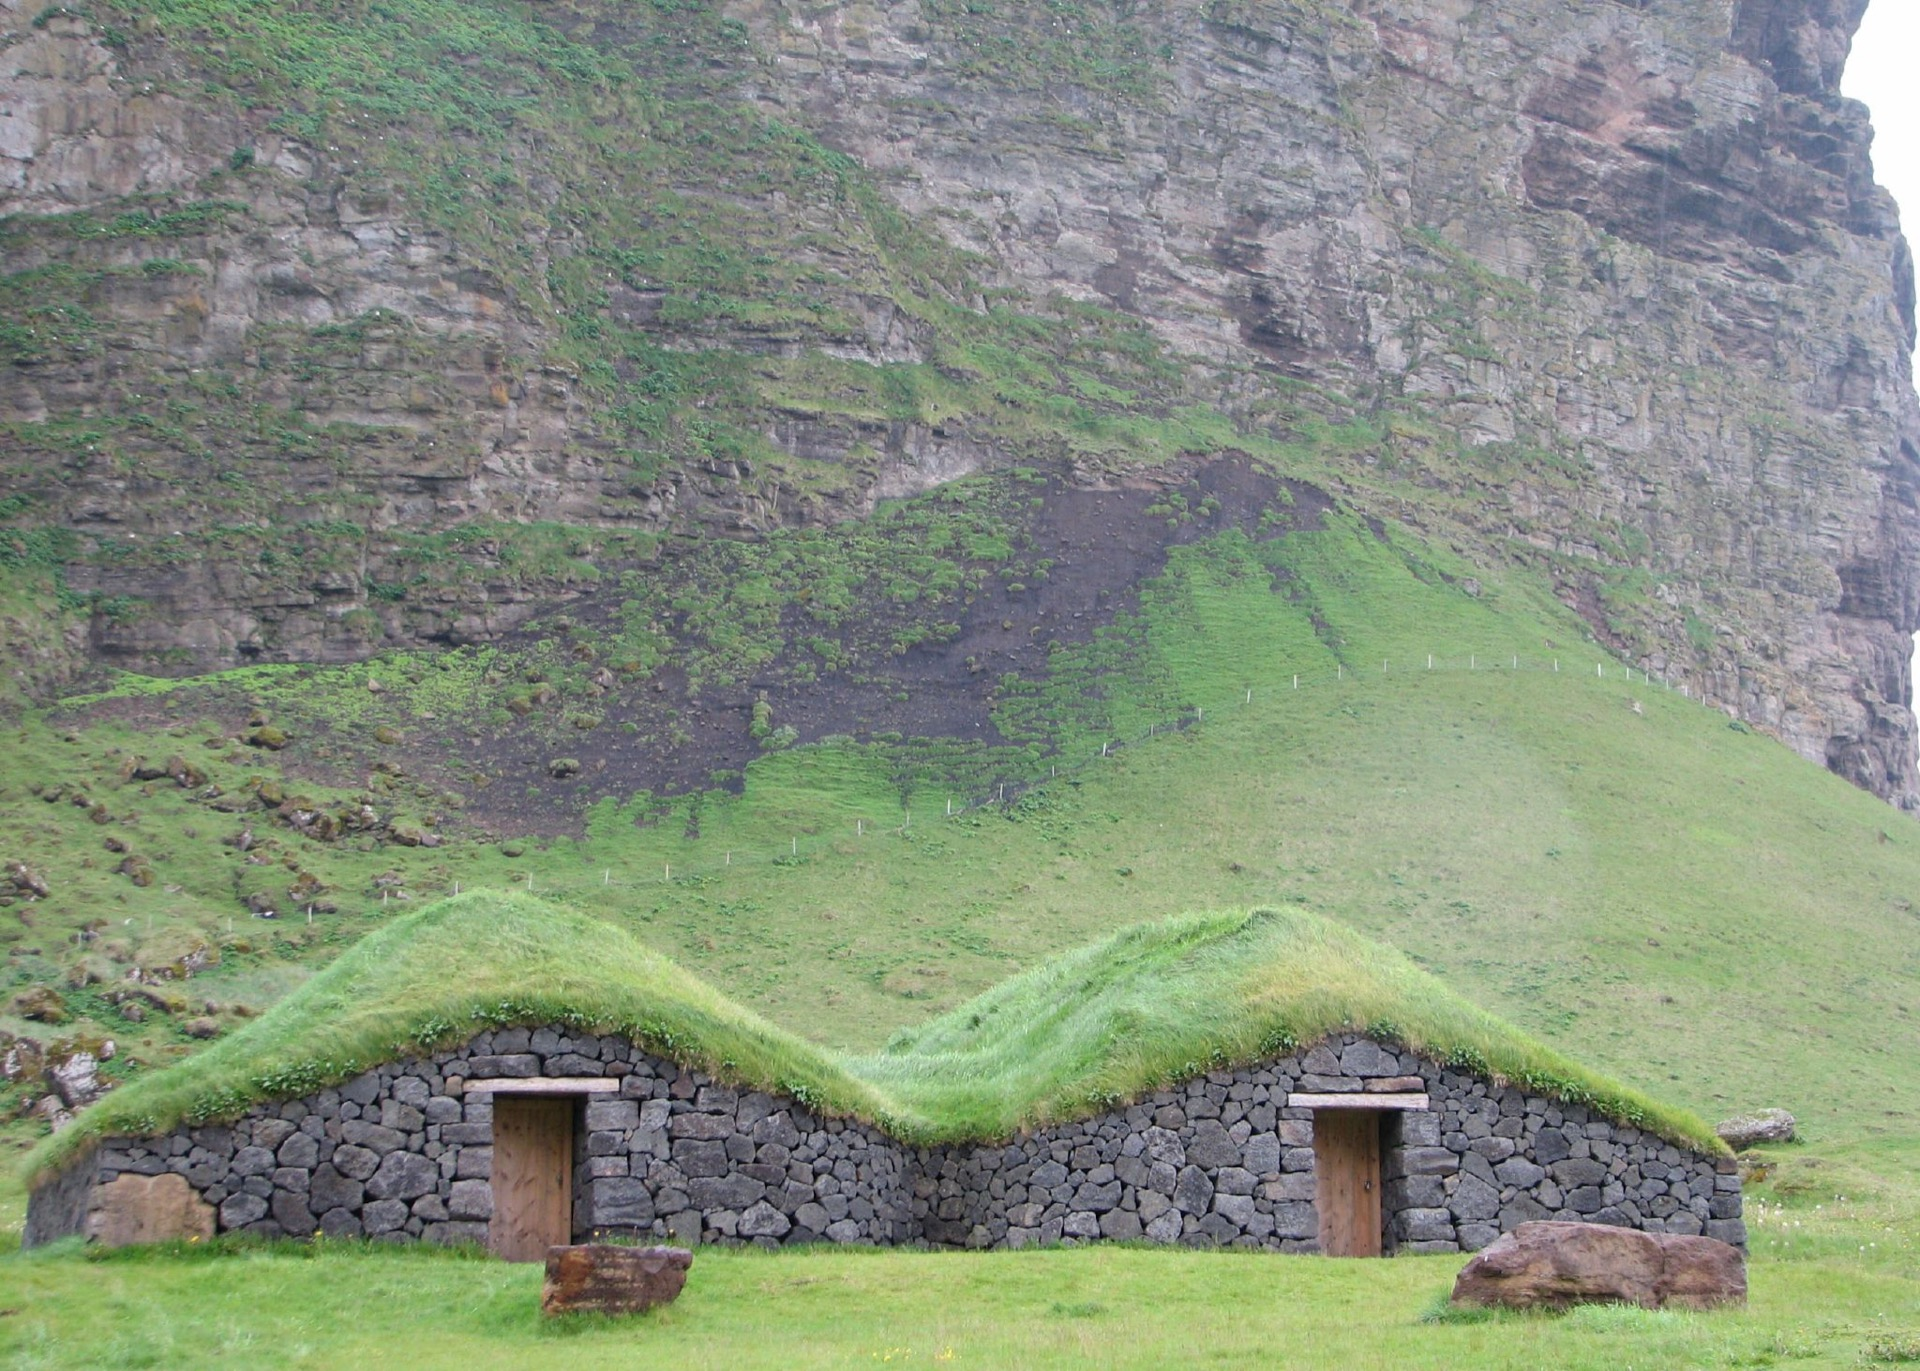 Grasdach-Häuser auf Vestmannaeyjar (Foto: https://www.flickr.com/photos/michaelclarke/)